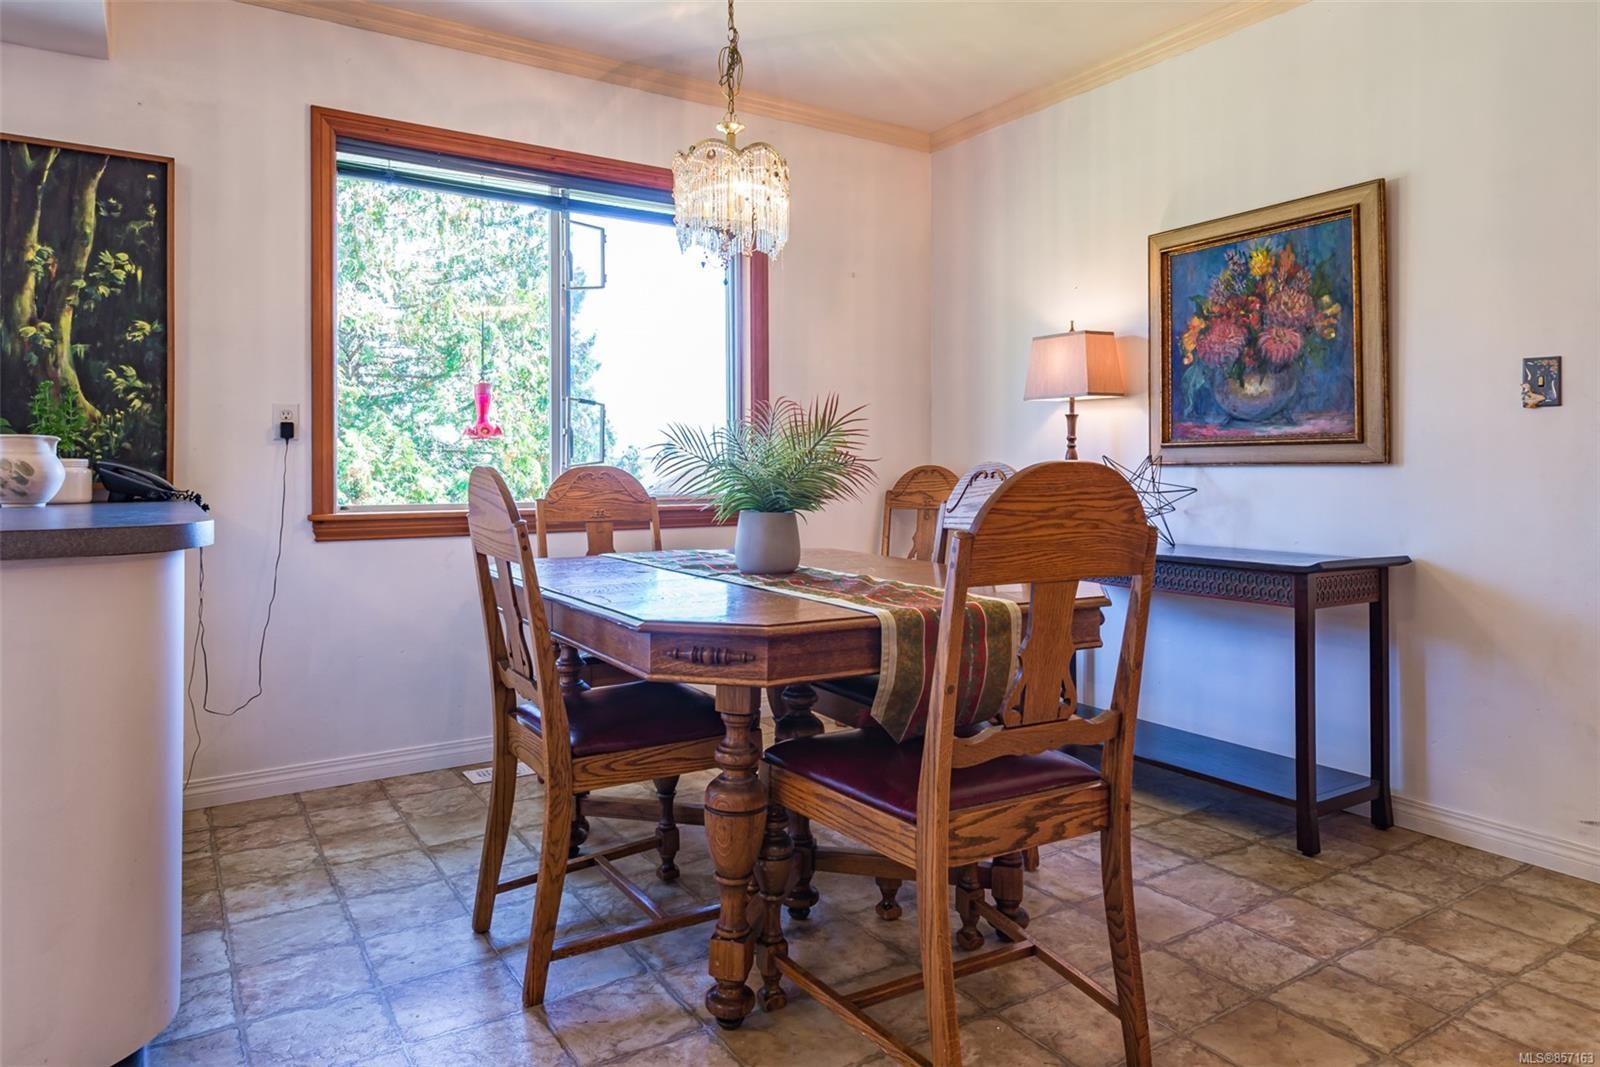 Photo 14: Photos: 4241 Buddington Rd in : CV Courtenay South House for sale (Comox Valley)  : MLS®# 857163